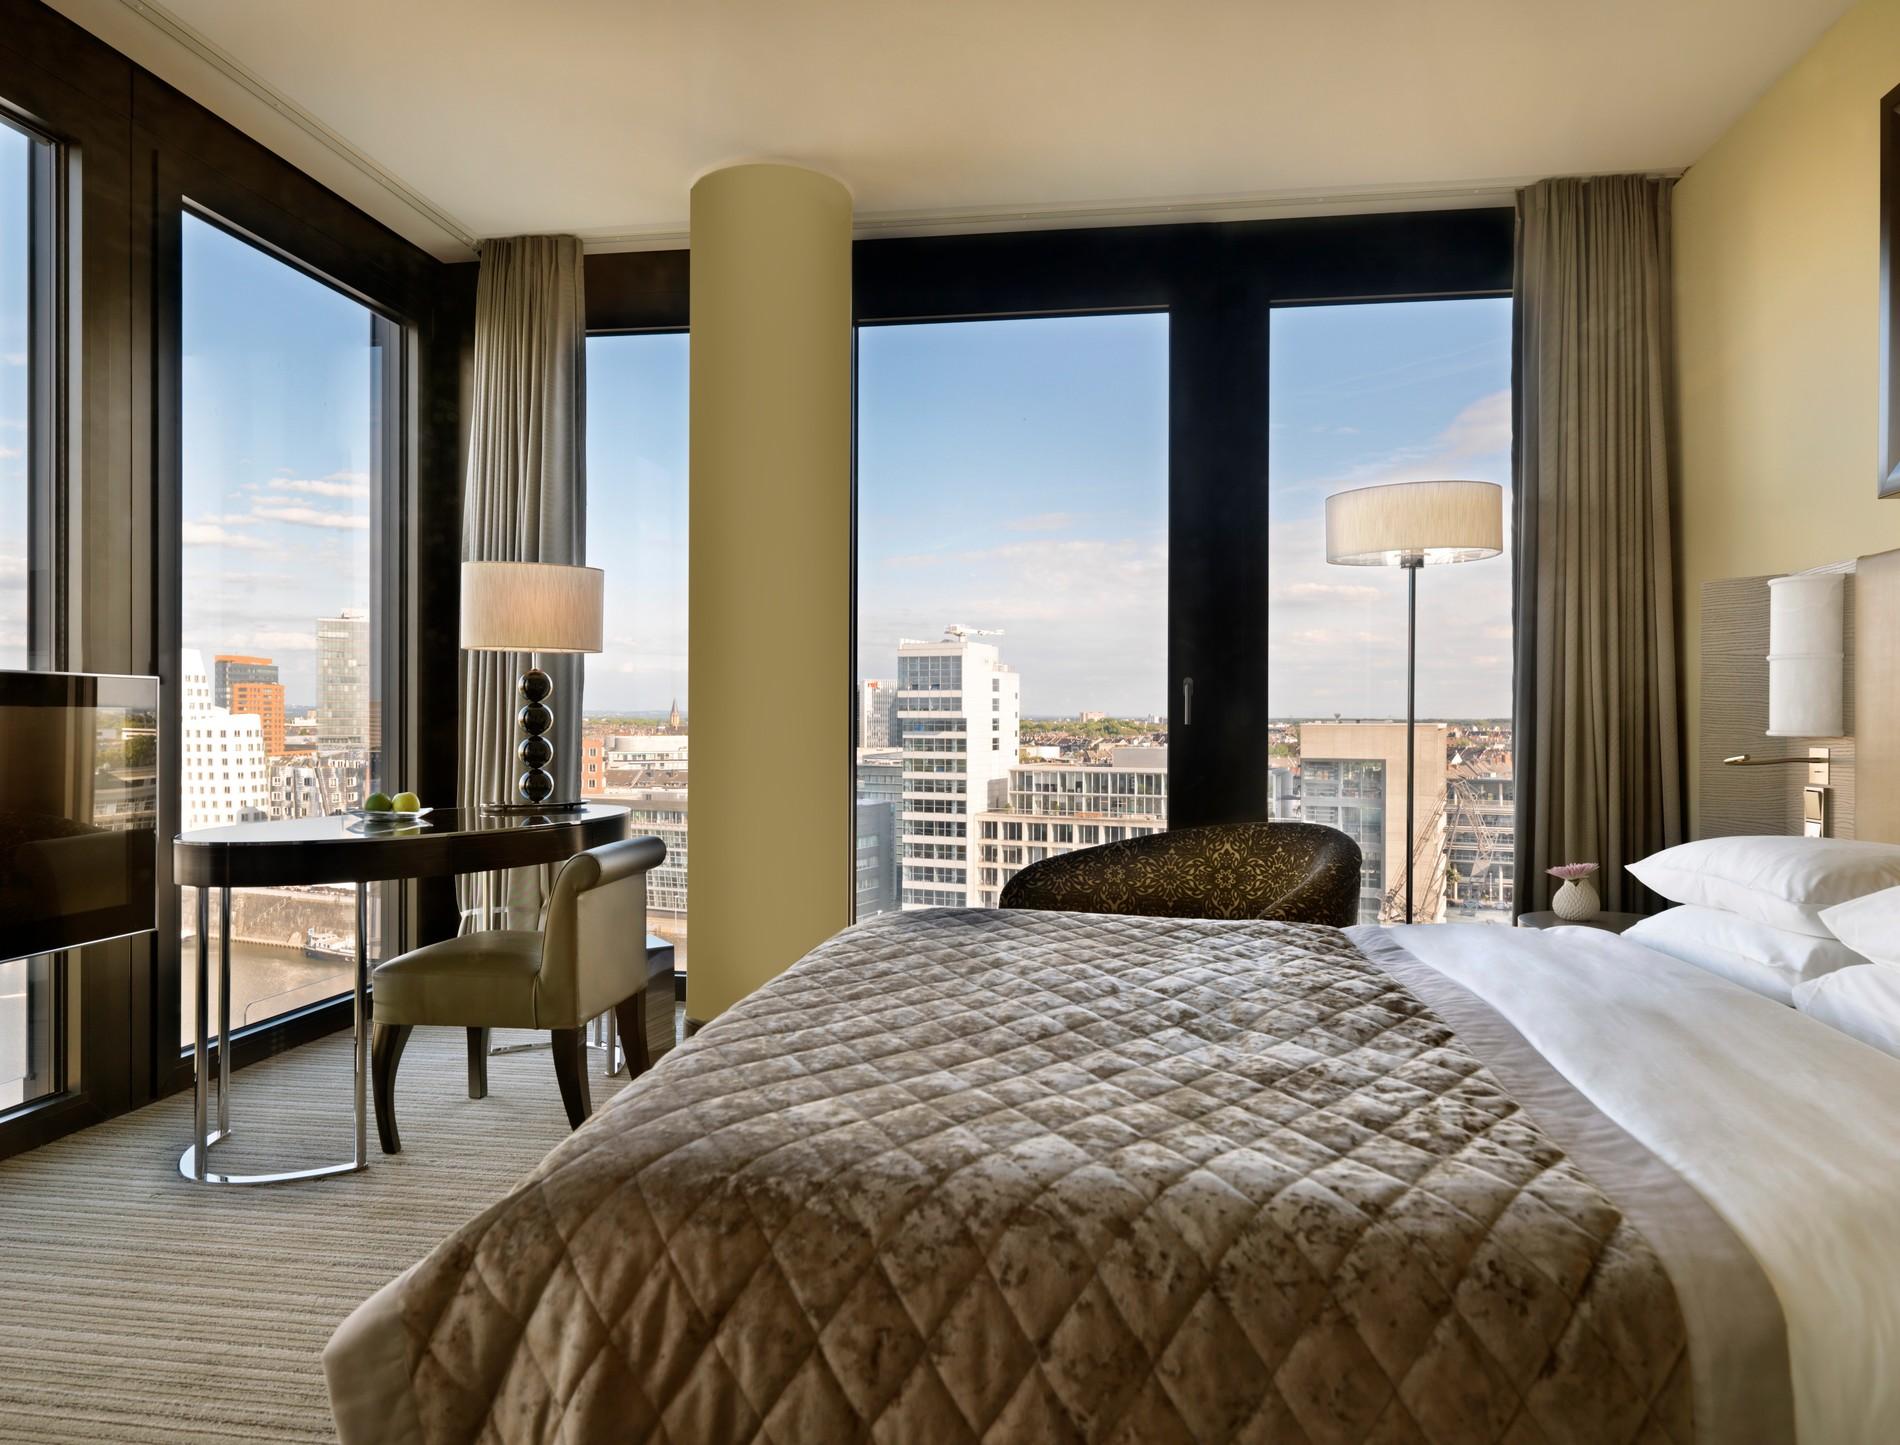 Hyatt_View_Deluxe_Room